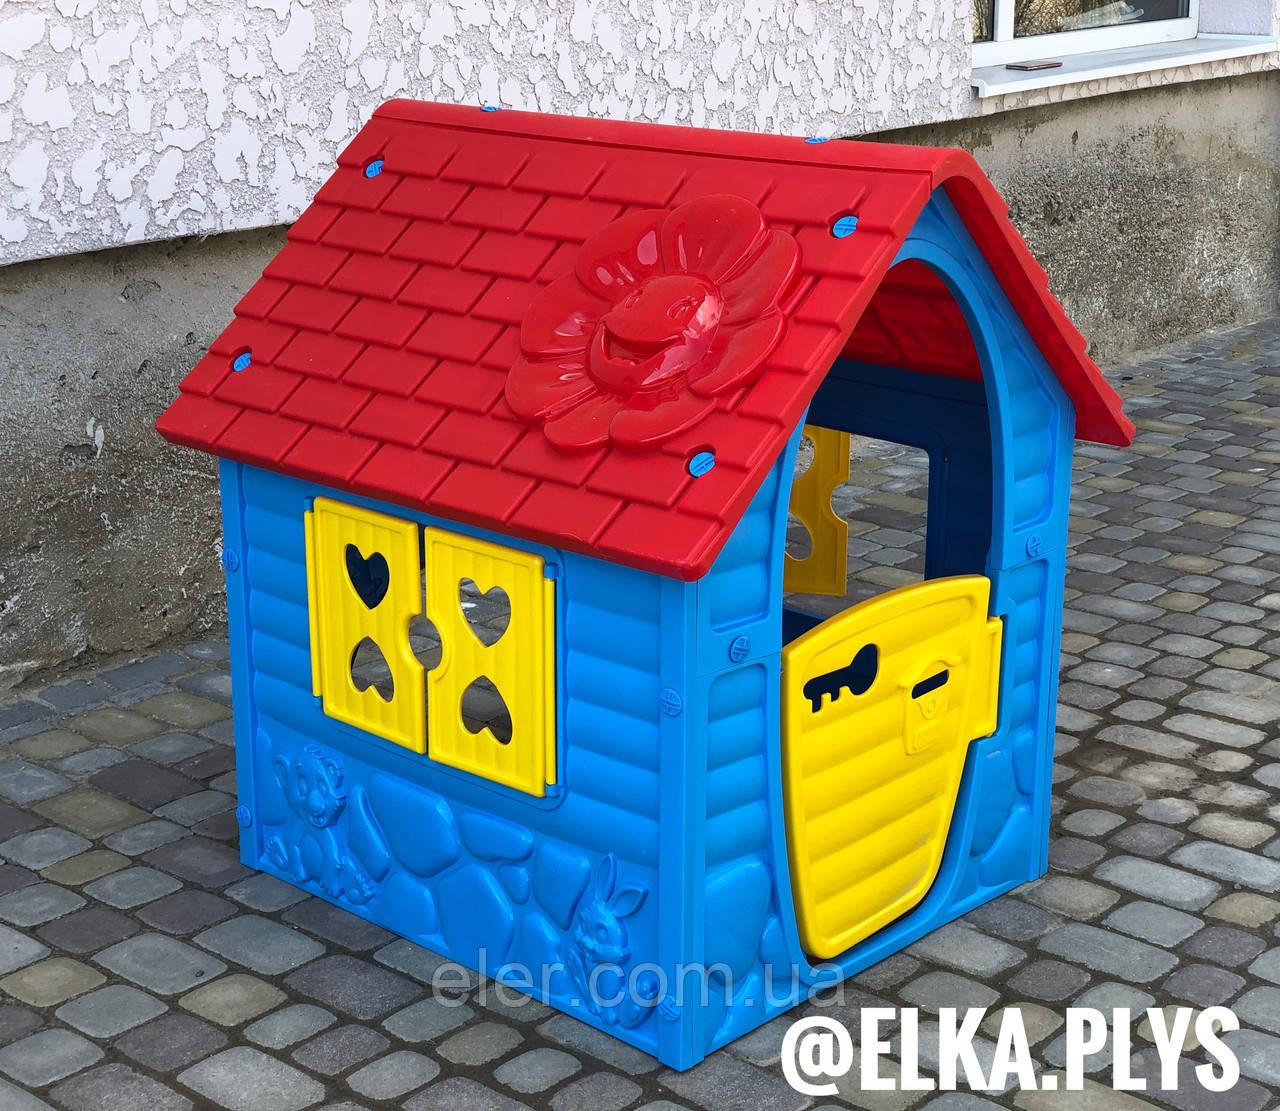 Детский домик 456 . Садовий будиночок для дітей